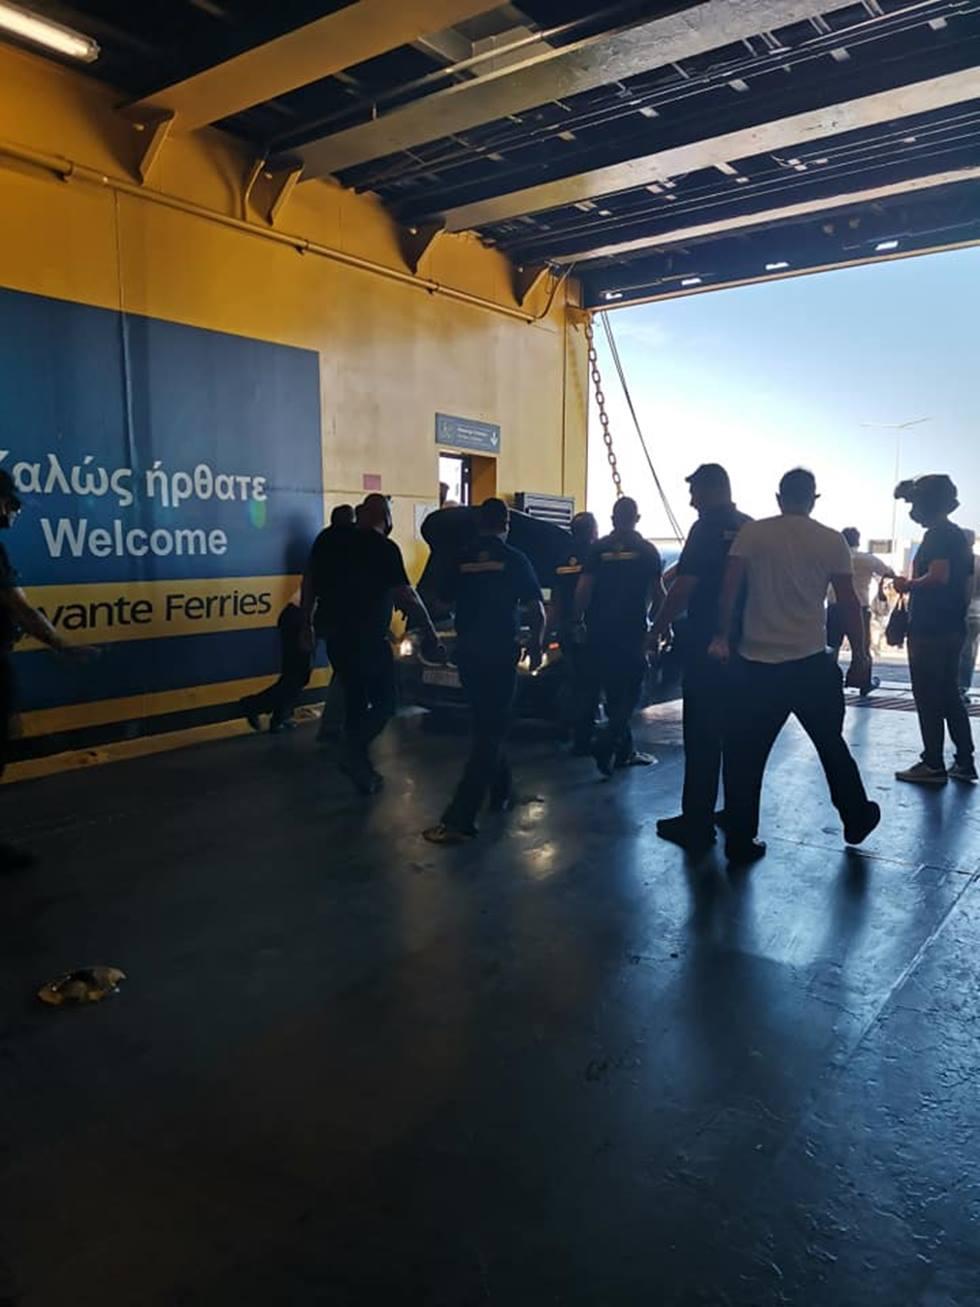 Φωτιά σε ΙΧ αυτοκίνητο στο γκαράζ του Mare Di Levante την ώρα που το πλοίο έφτανε χθες στο λιμάνι της Ζακύνθου εκτελώντας το δρομολόγιο Κυλλήνη- Ζάκυνθος (photos)